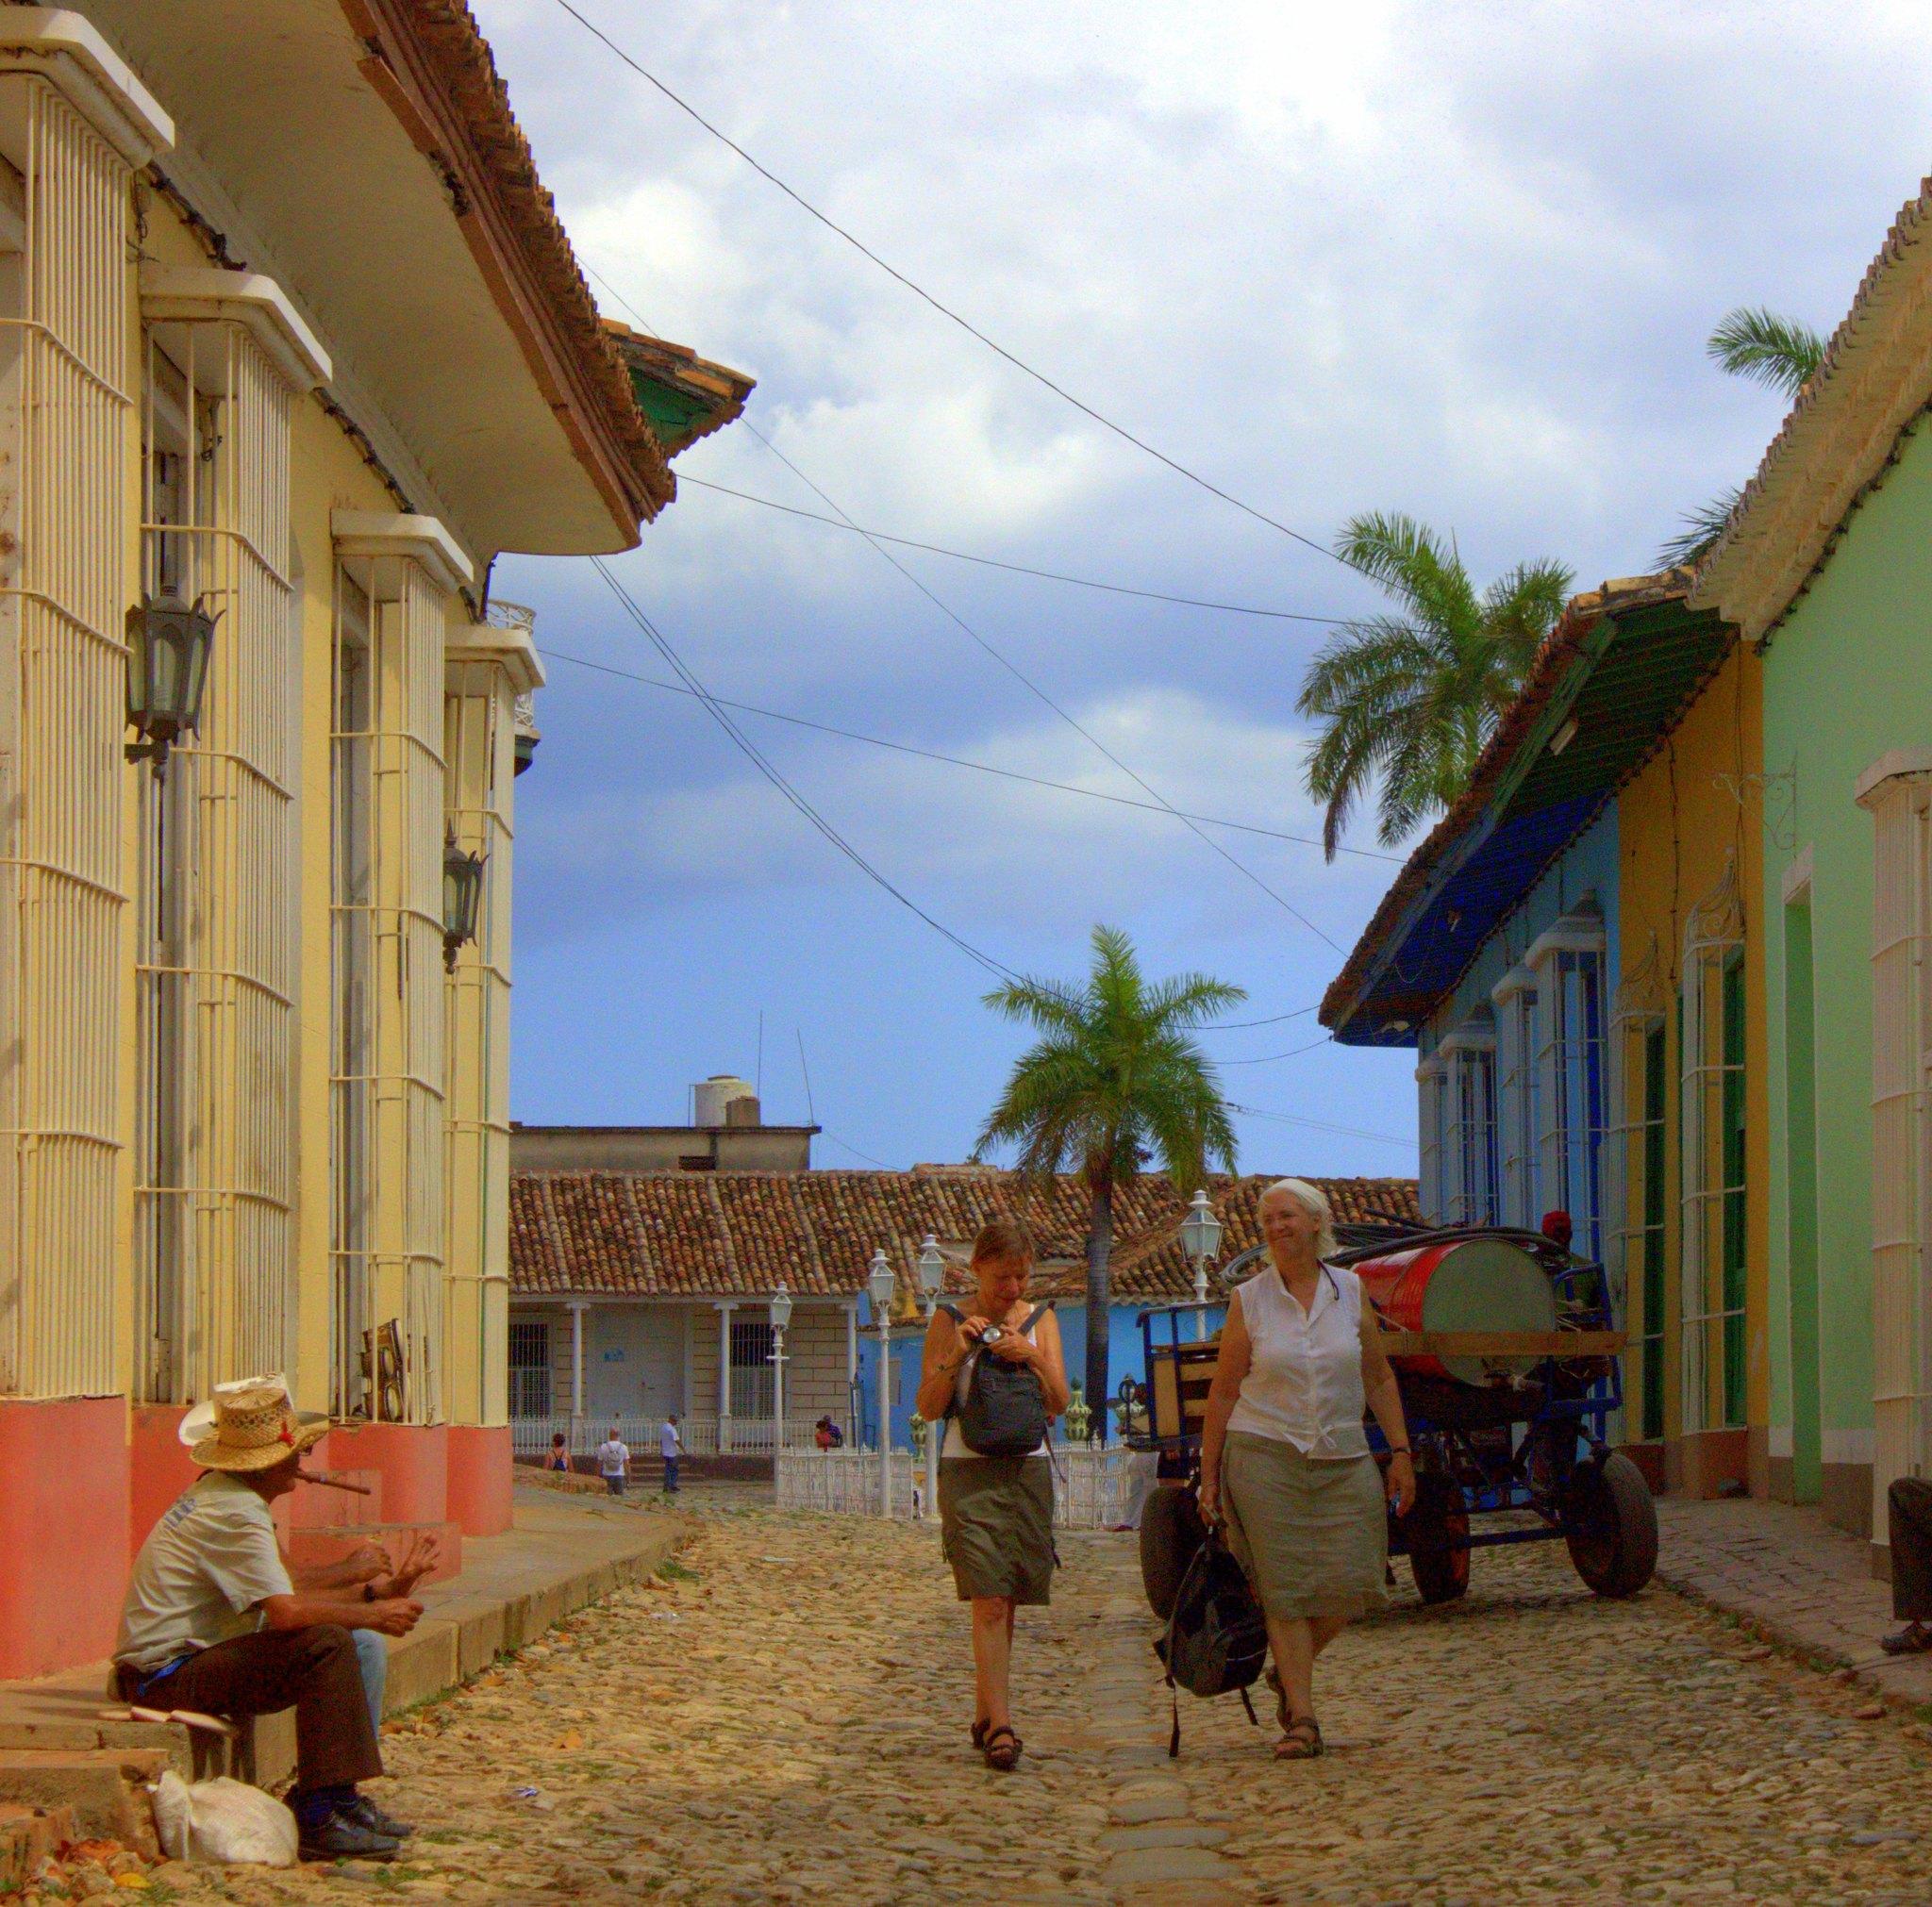 Trinidad Cuba has aggressive touts